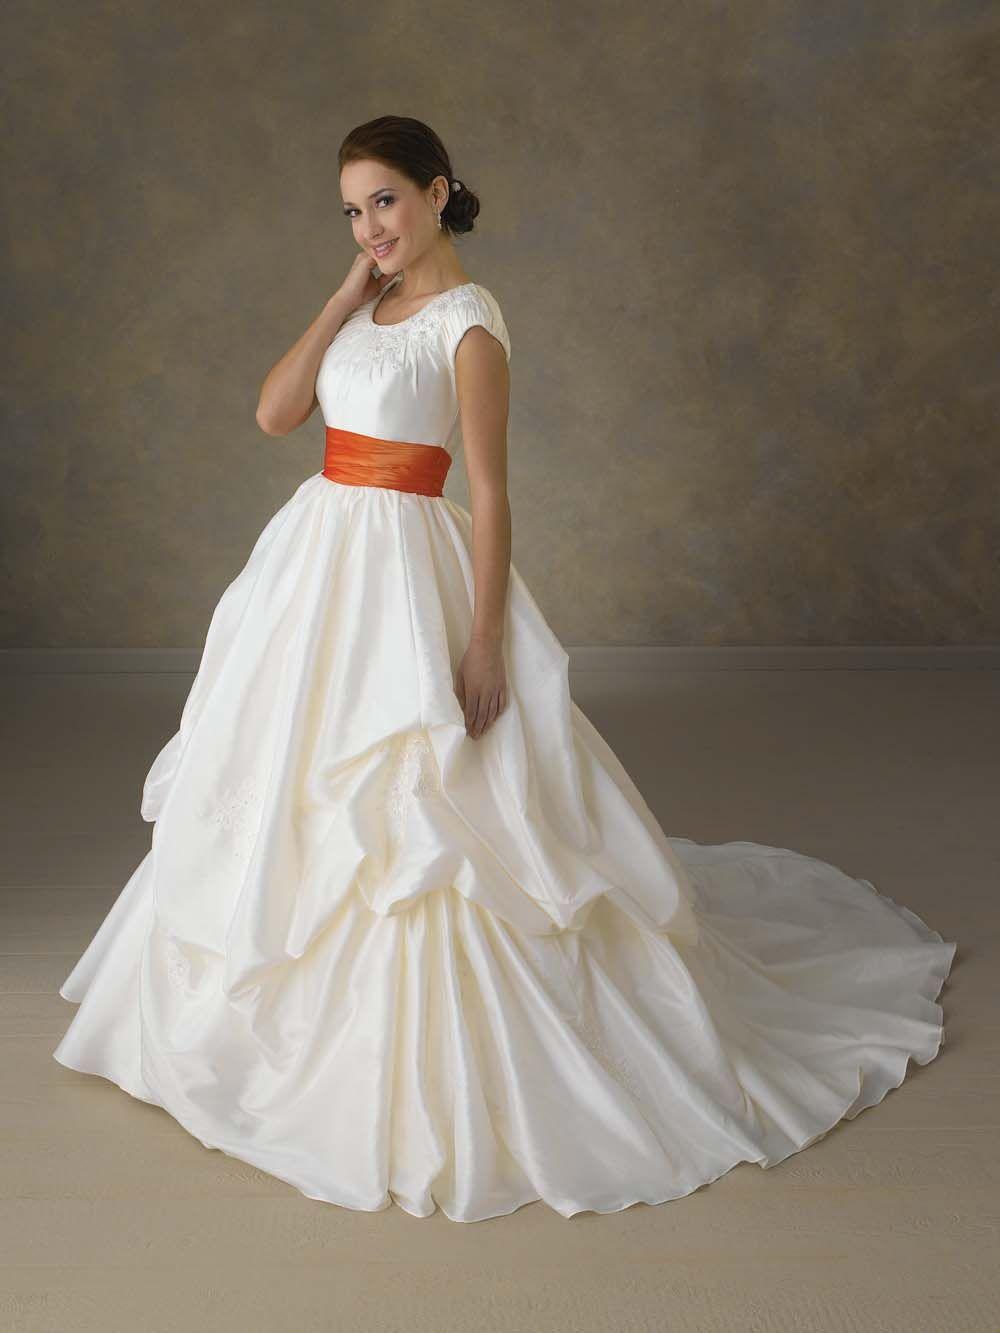 wedding dresses with orange sashes | Bonny+Wedding+Gown+with+Orange+ ...